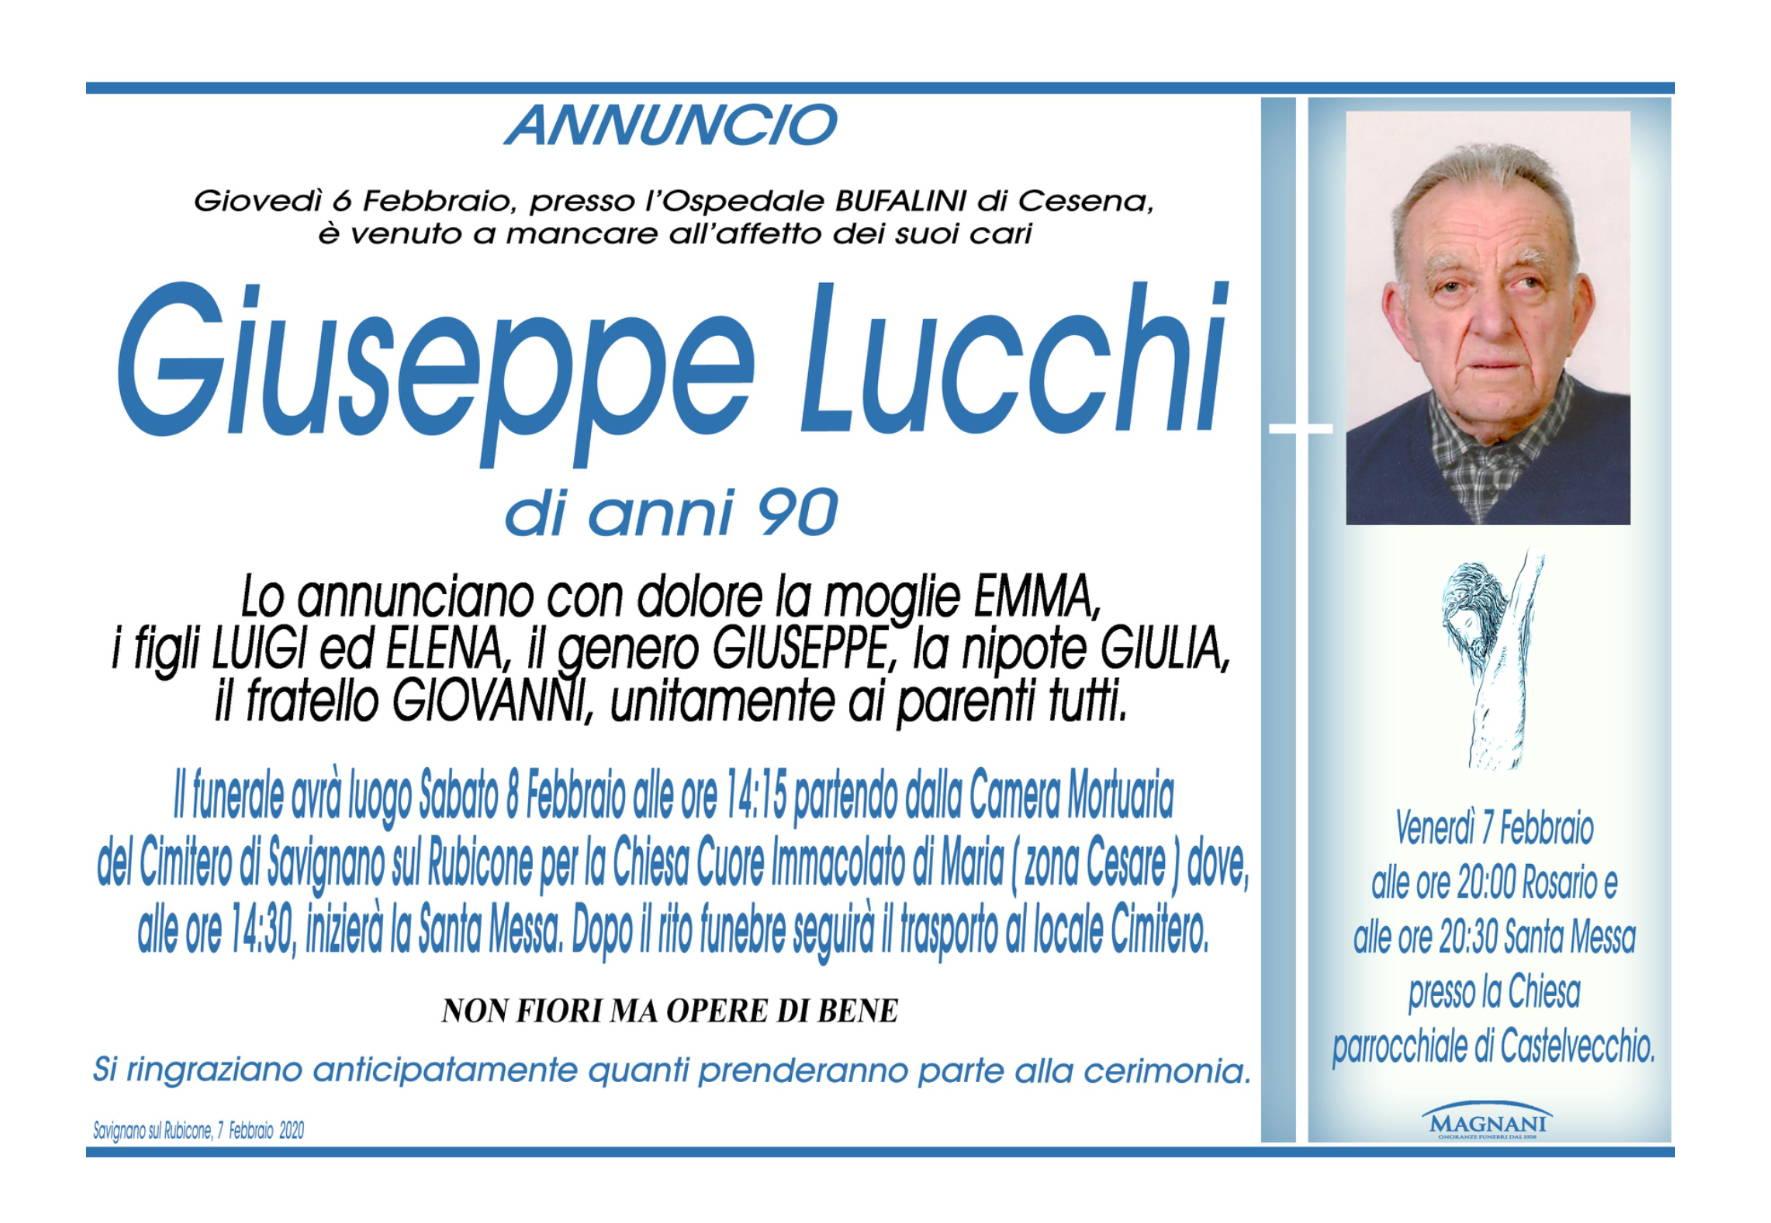 Giuseppe Lucchi